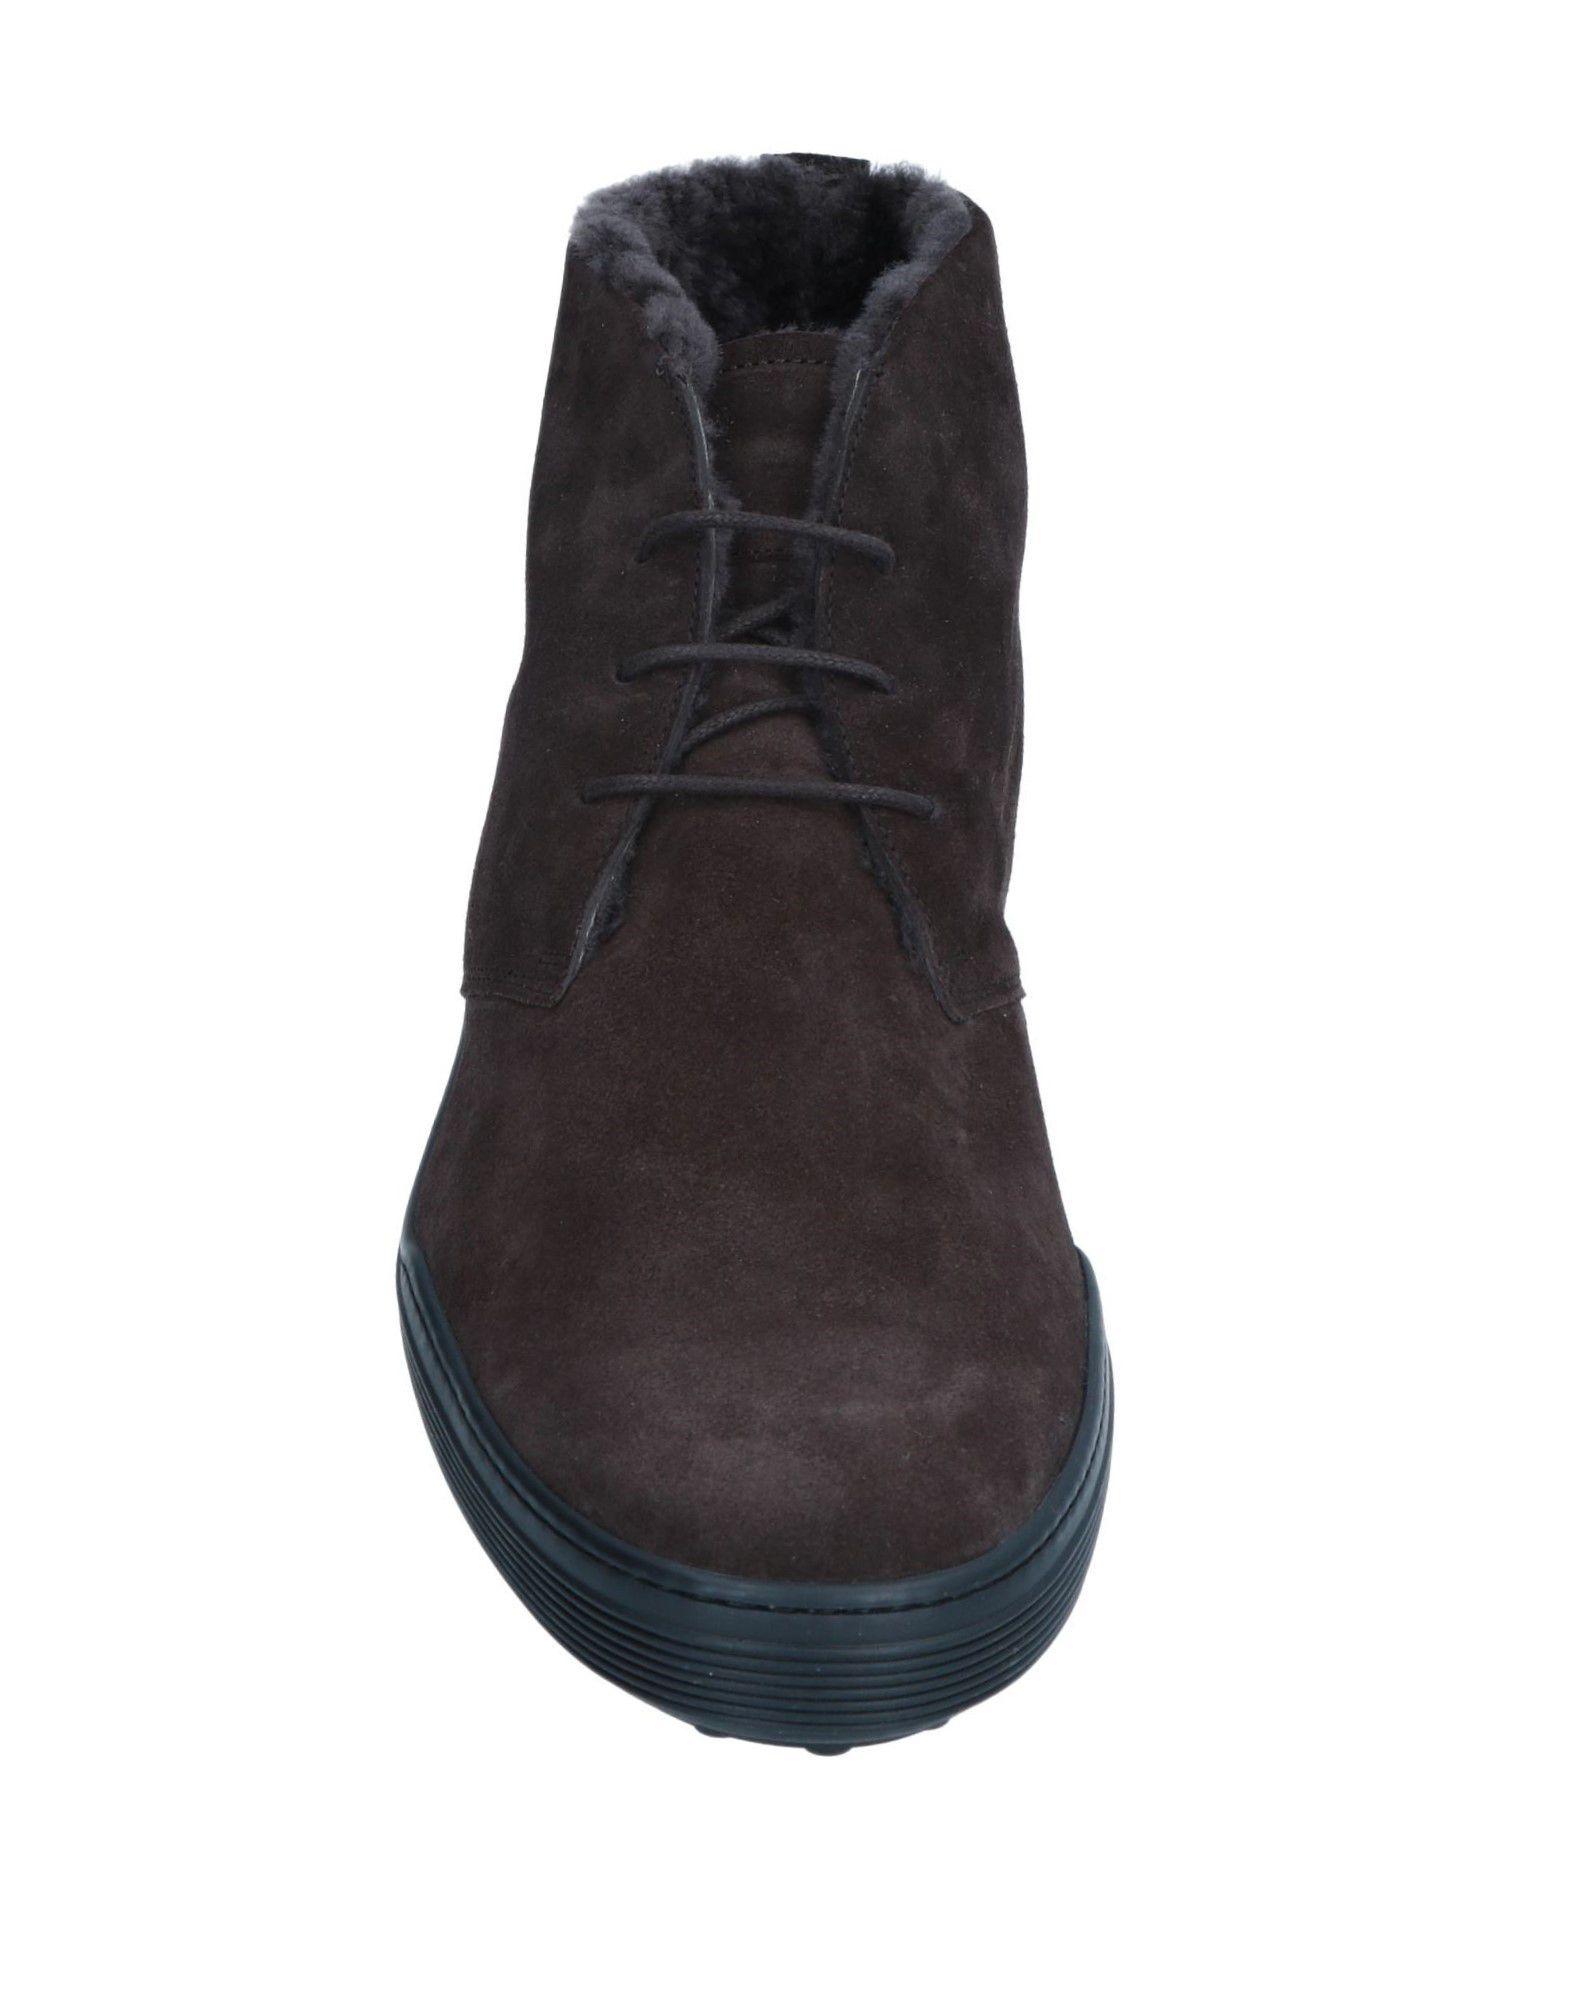 Tod's Stiefelette Gute Herren  11544562TP Gute Stiefelette Qualität beliebte Schuhe 5bb14f